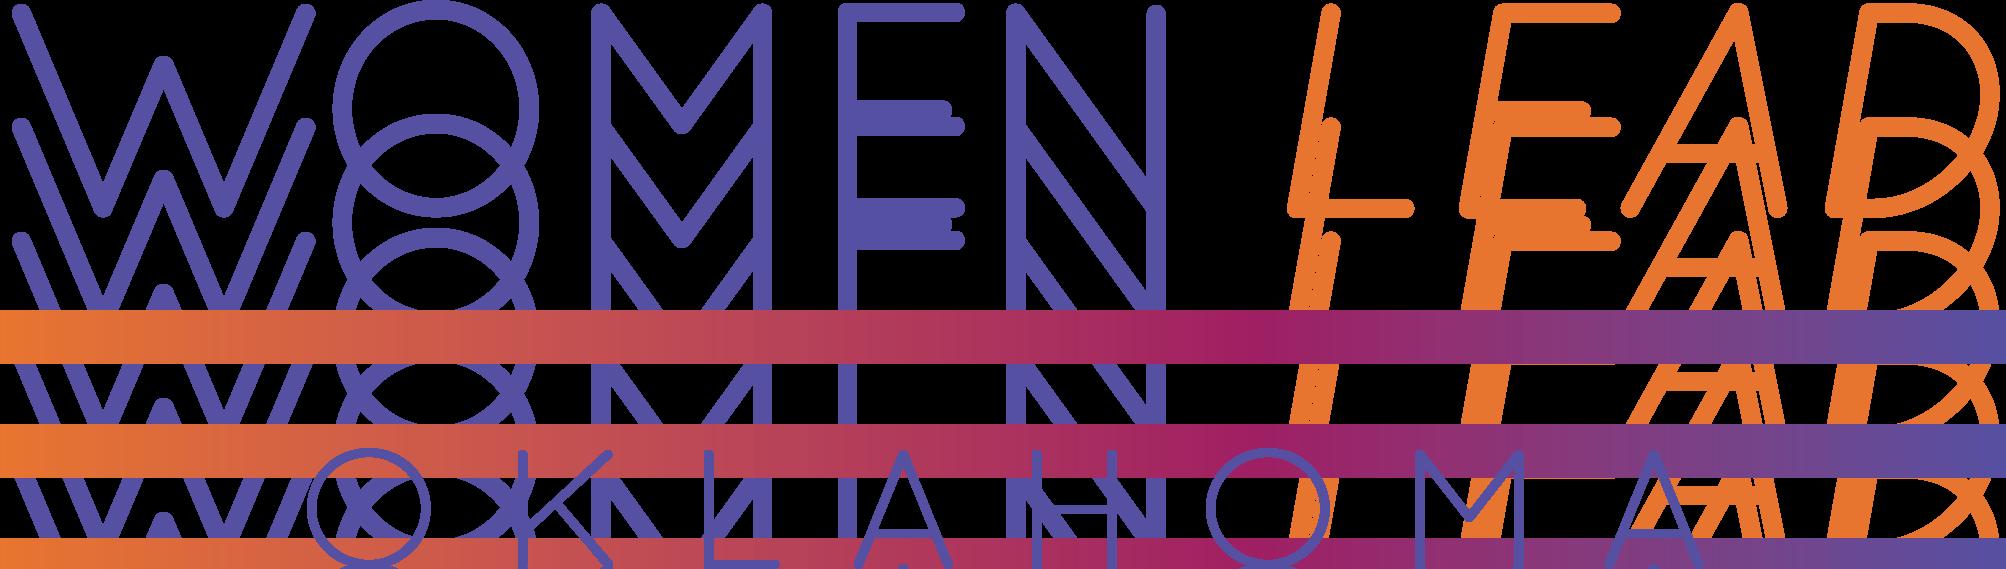 Women_Lead_Logo_(1).png